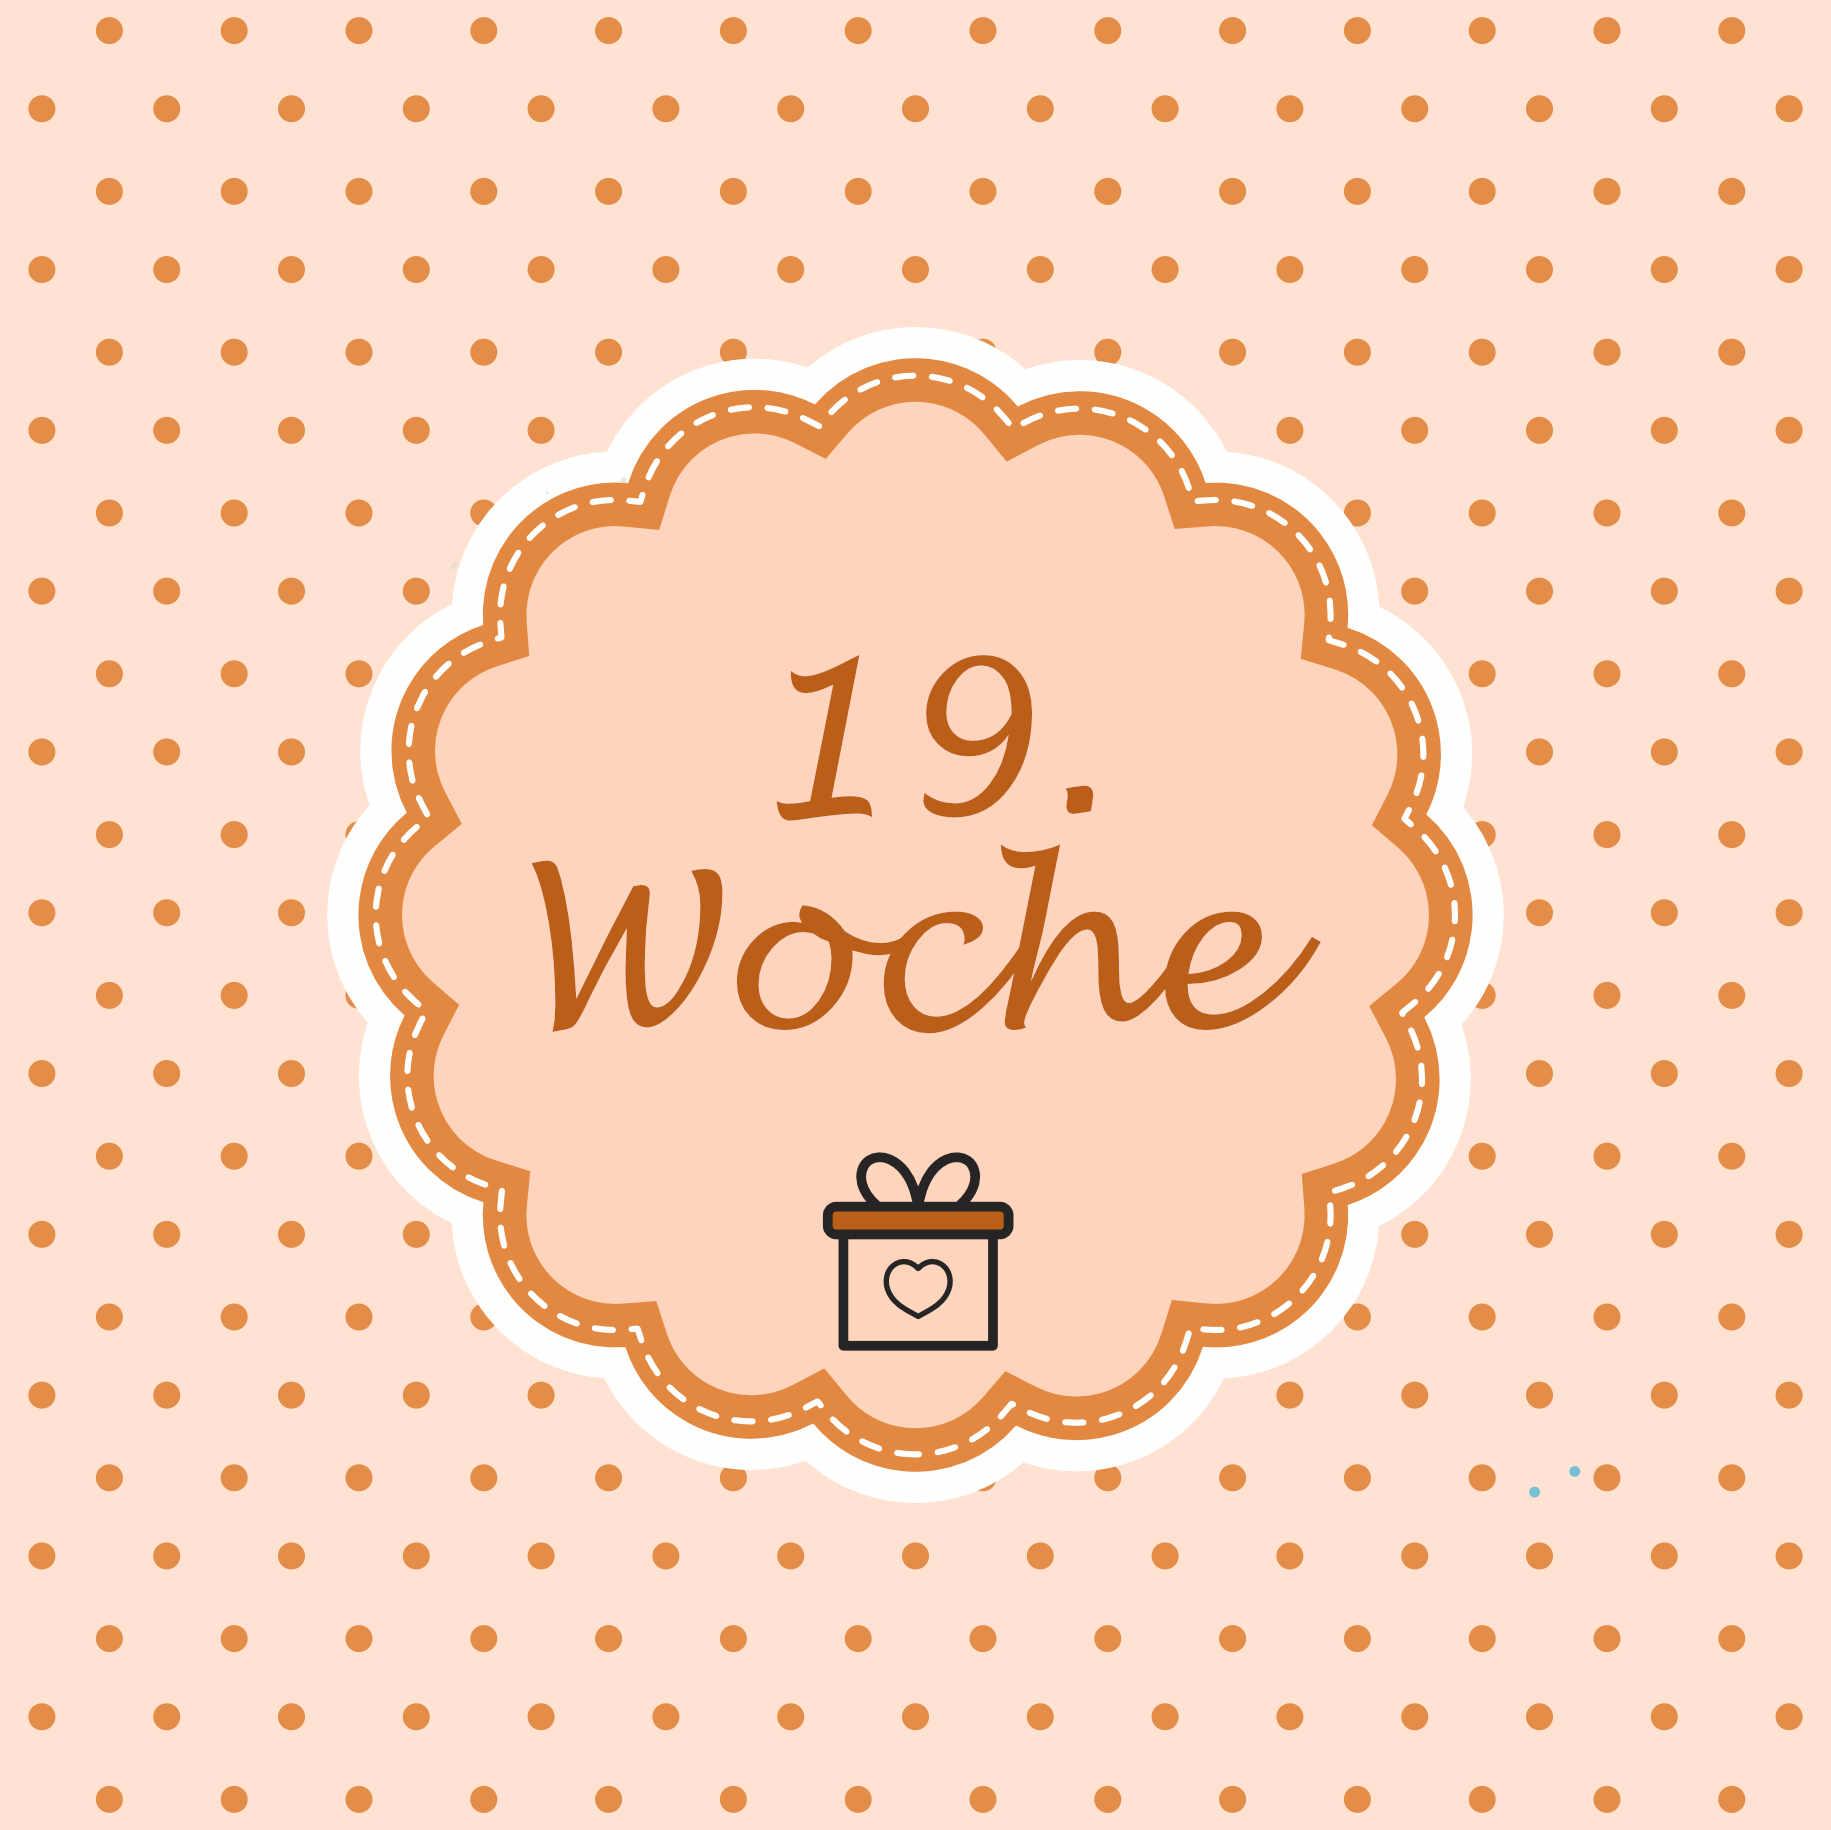 19 Woche Meilenstein Schwangerschaft Instagram